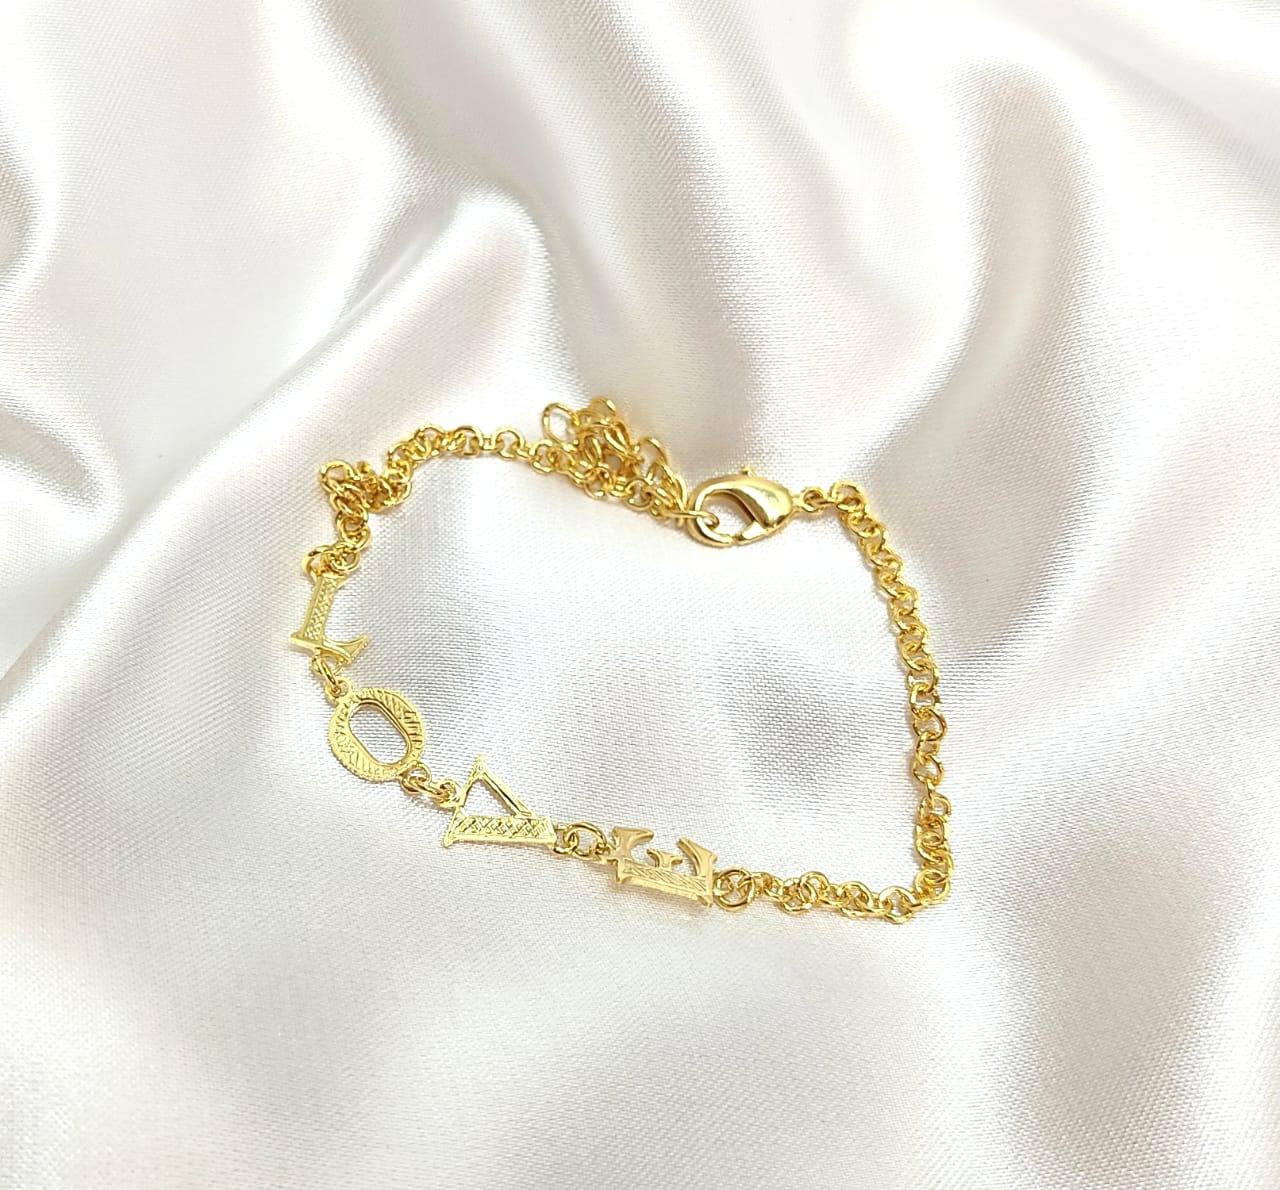 Pulseira Love (18cm + extensor) Banhado a Ouro Rafalu - PUL0001O